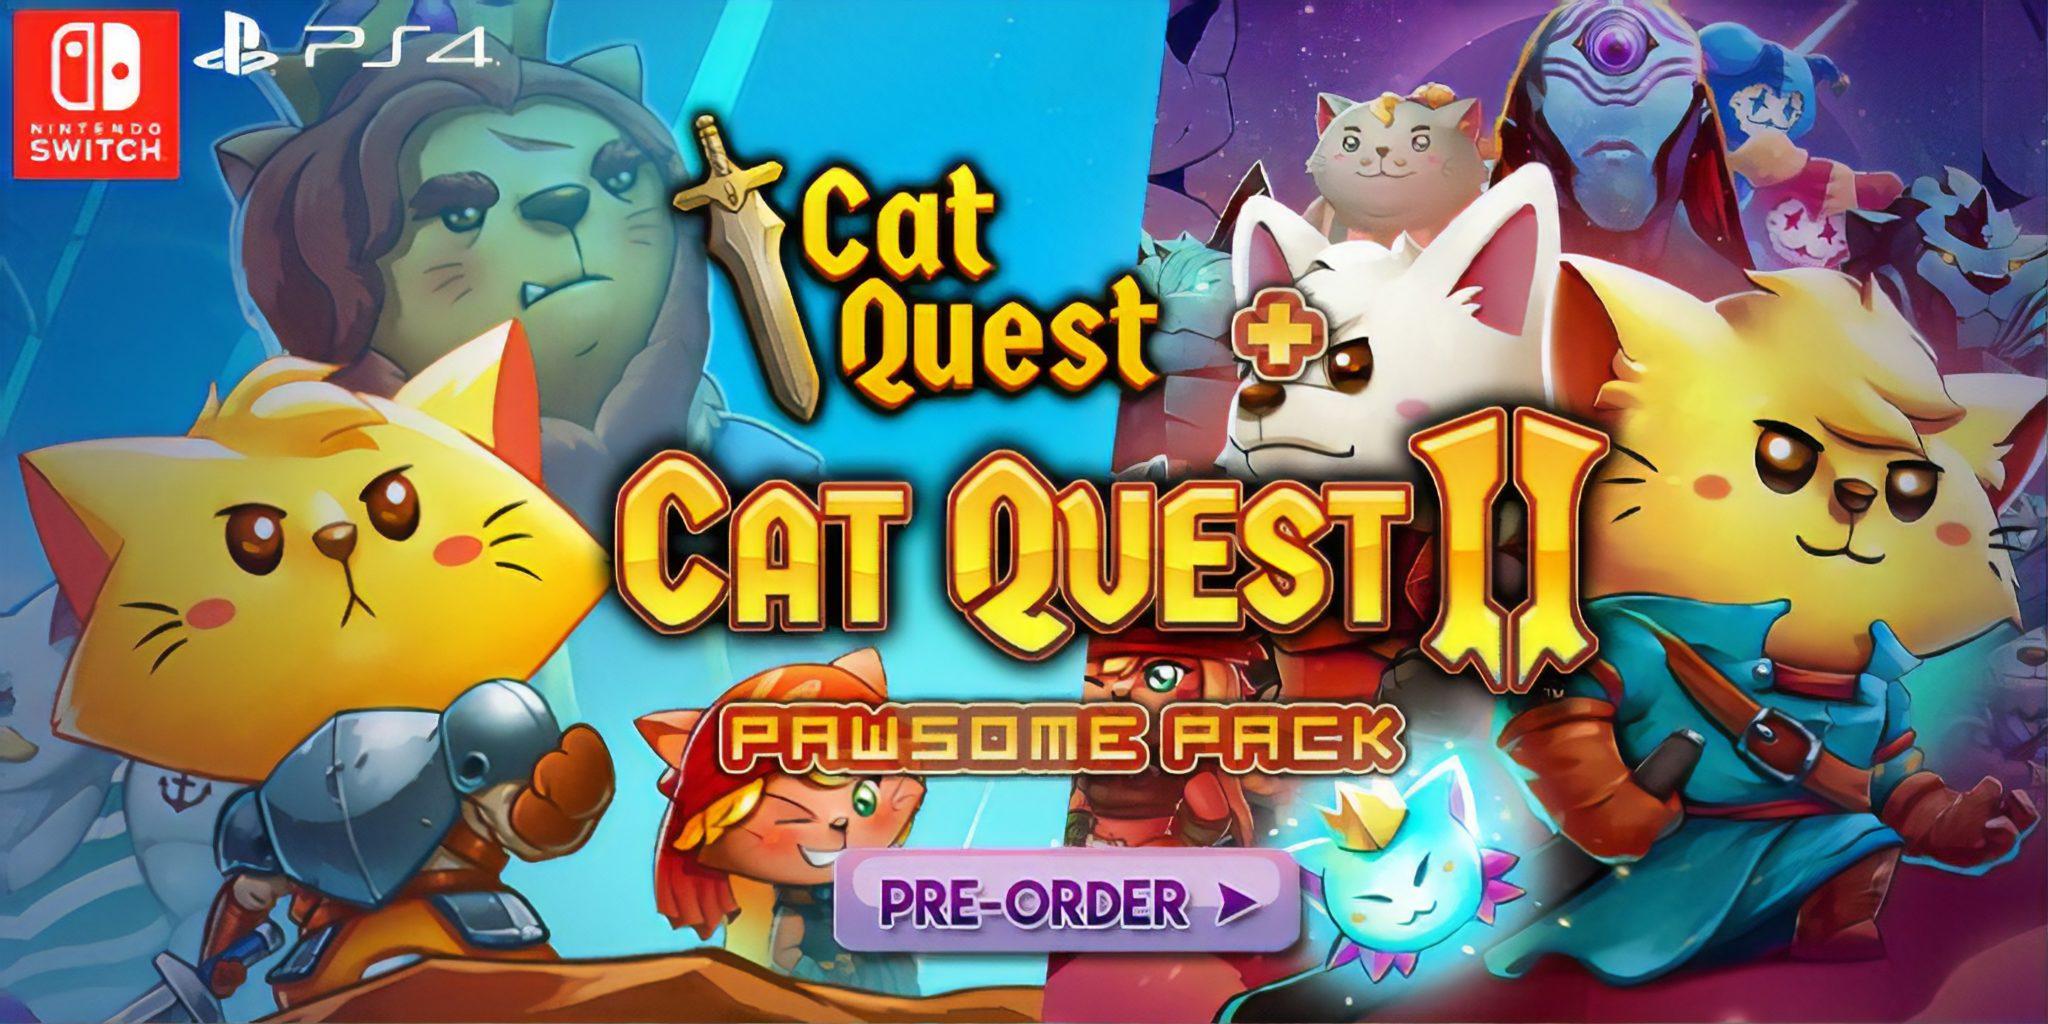 RPG / Cat Quest + Cat Quest II Pawsome Pack